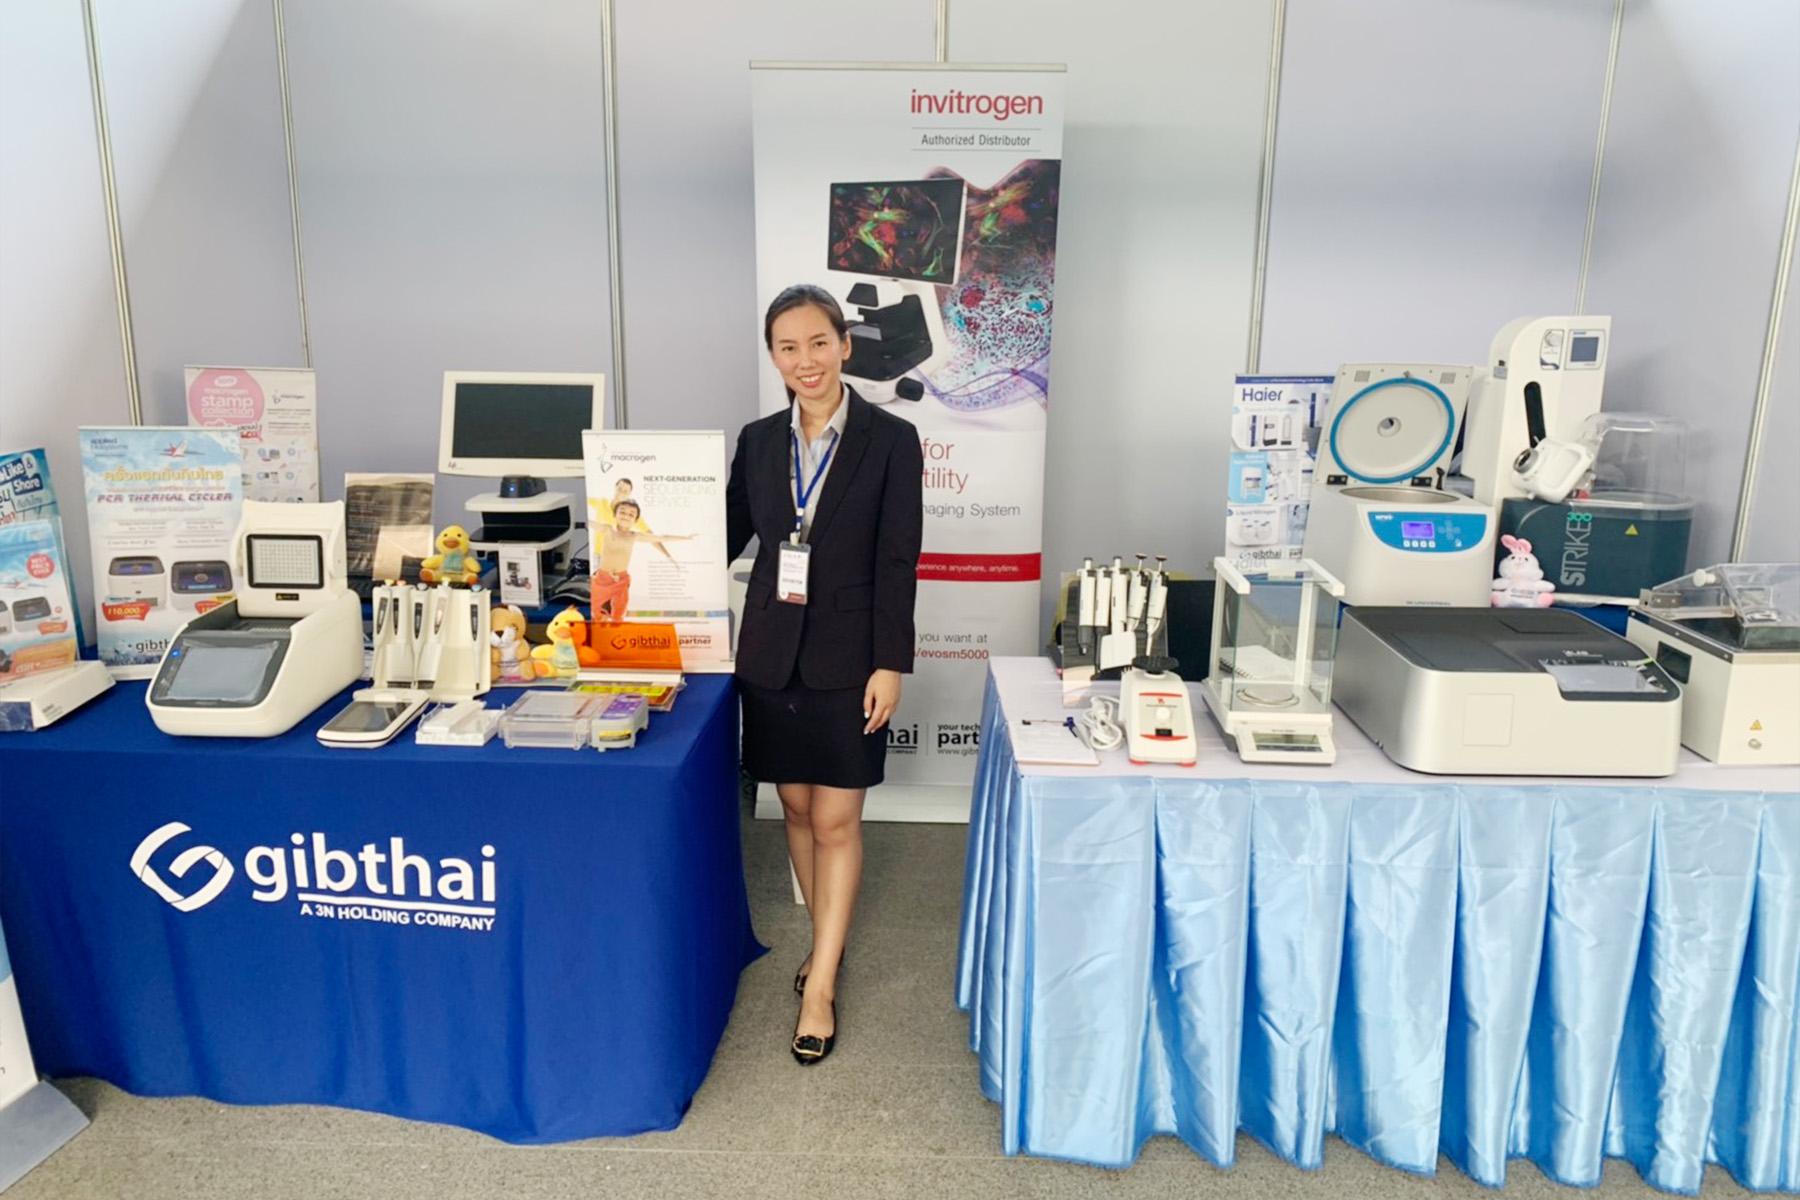 งานประชุมวิชาการวิทยาศาสตร์และเทคโนโลยีแห่งประเทศไทย ครั้งที่ 45 (วทท 45)